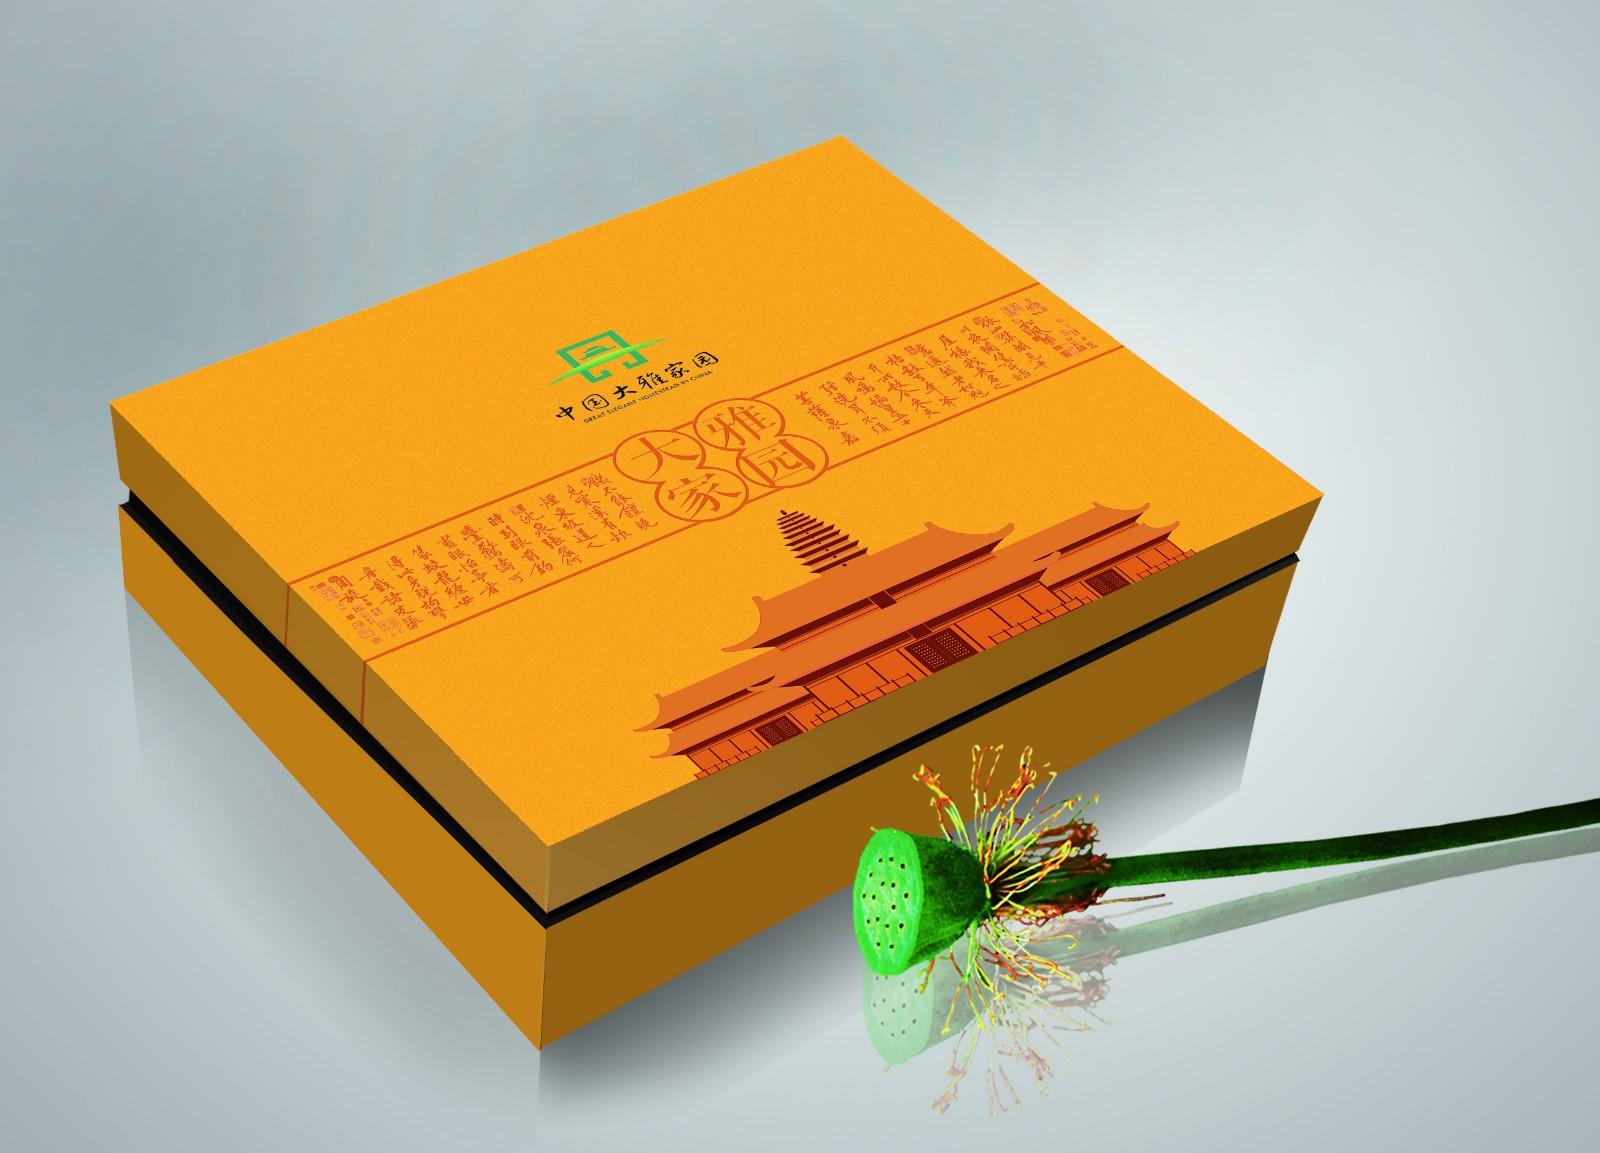 丹橙果业桔橙礼品盒包装设计_成都桔橙水果包装设计公司_成都不知火包装设计公司_成都爱媛包装设计公司